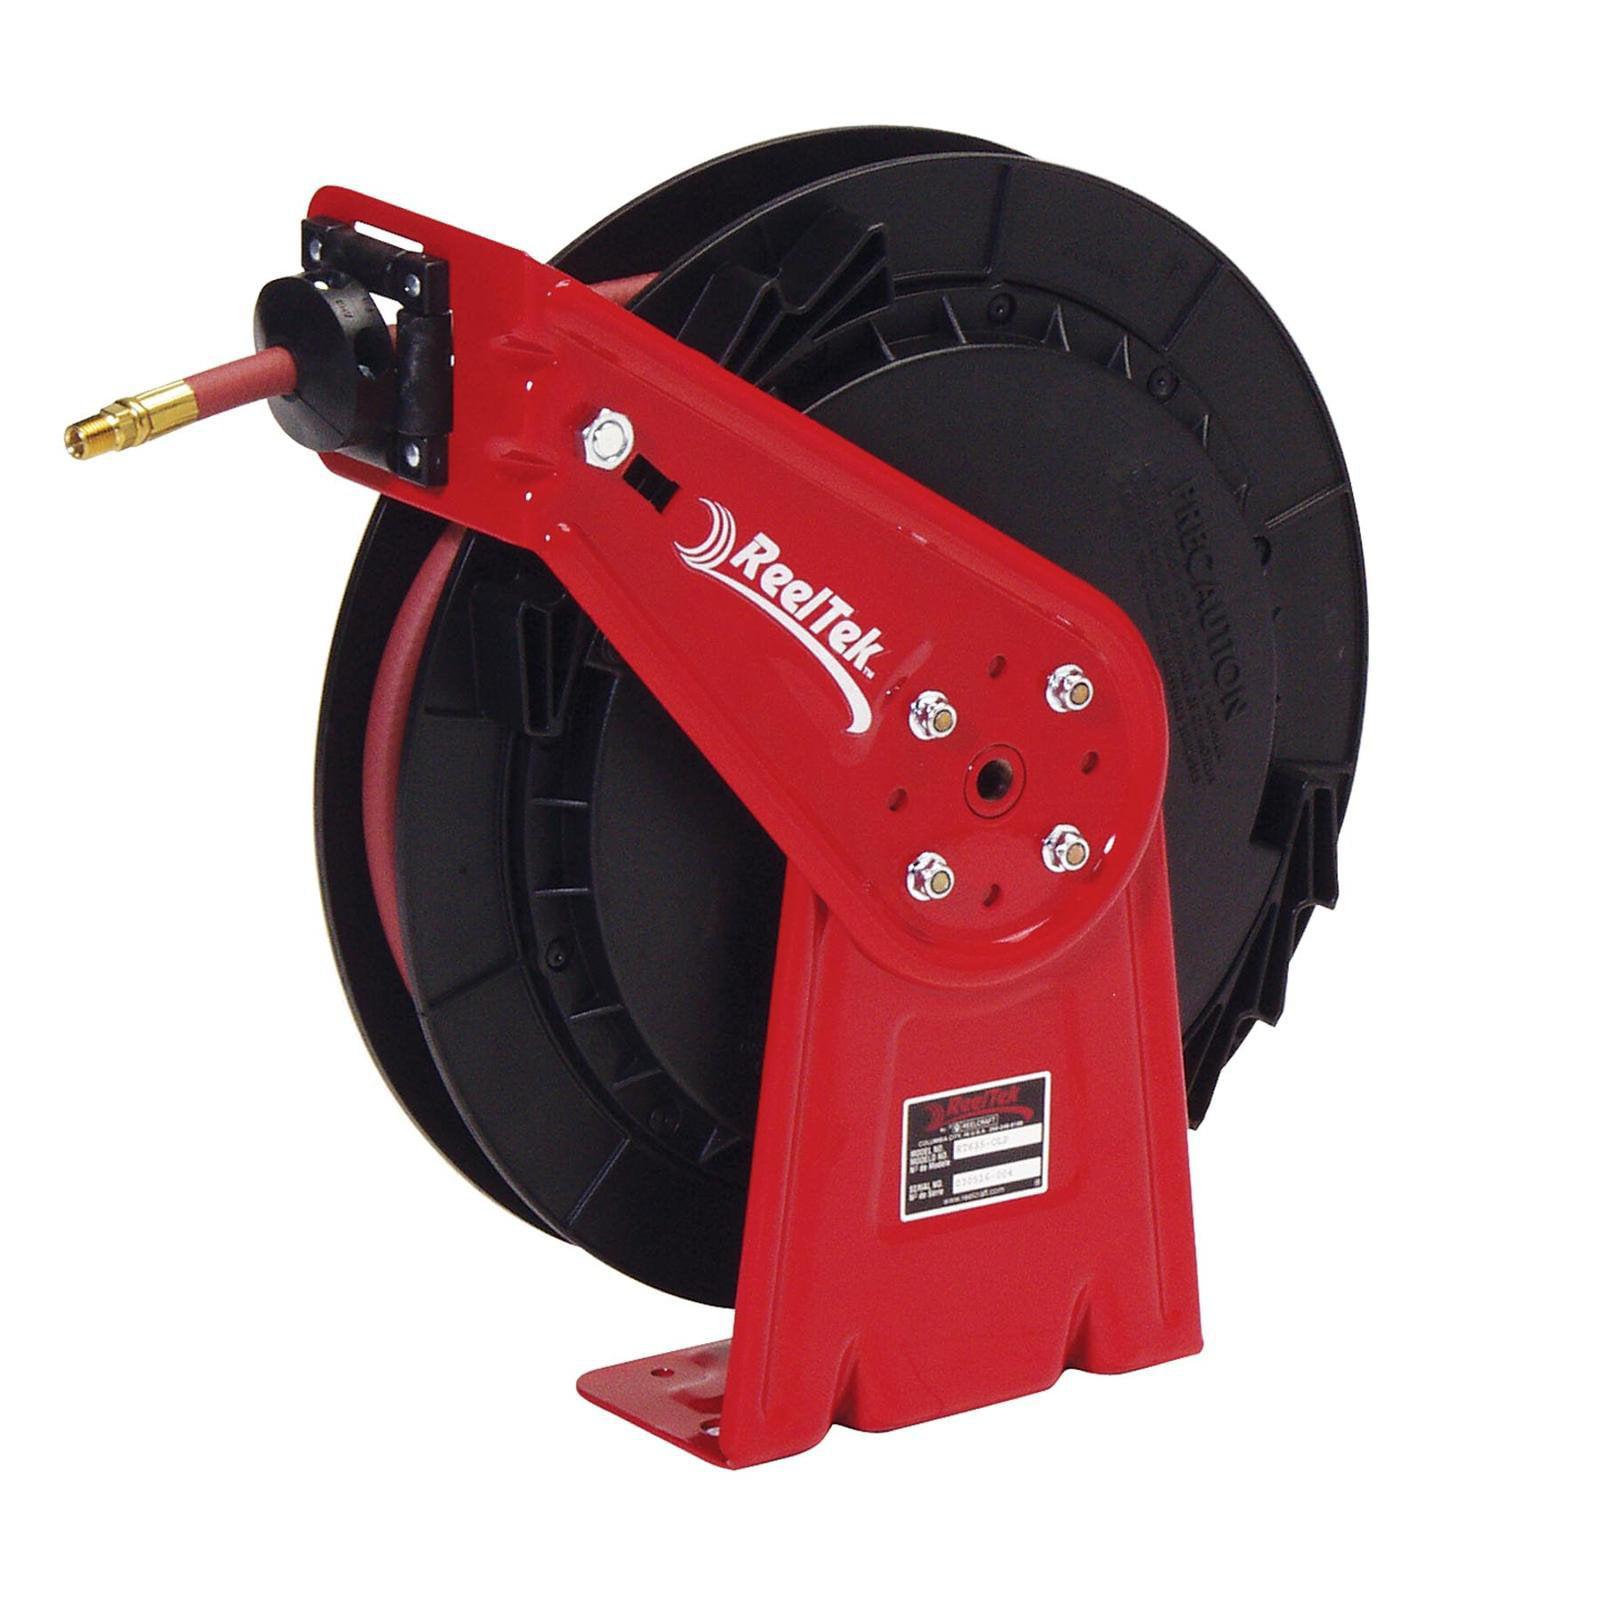 Industrial Strength Air & Water Hose Reel by Reelcraft Industries